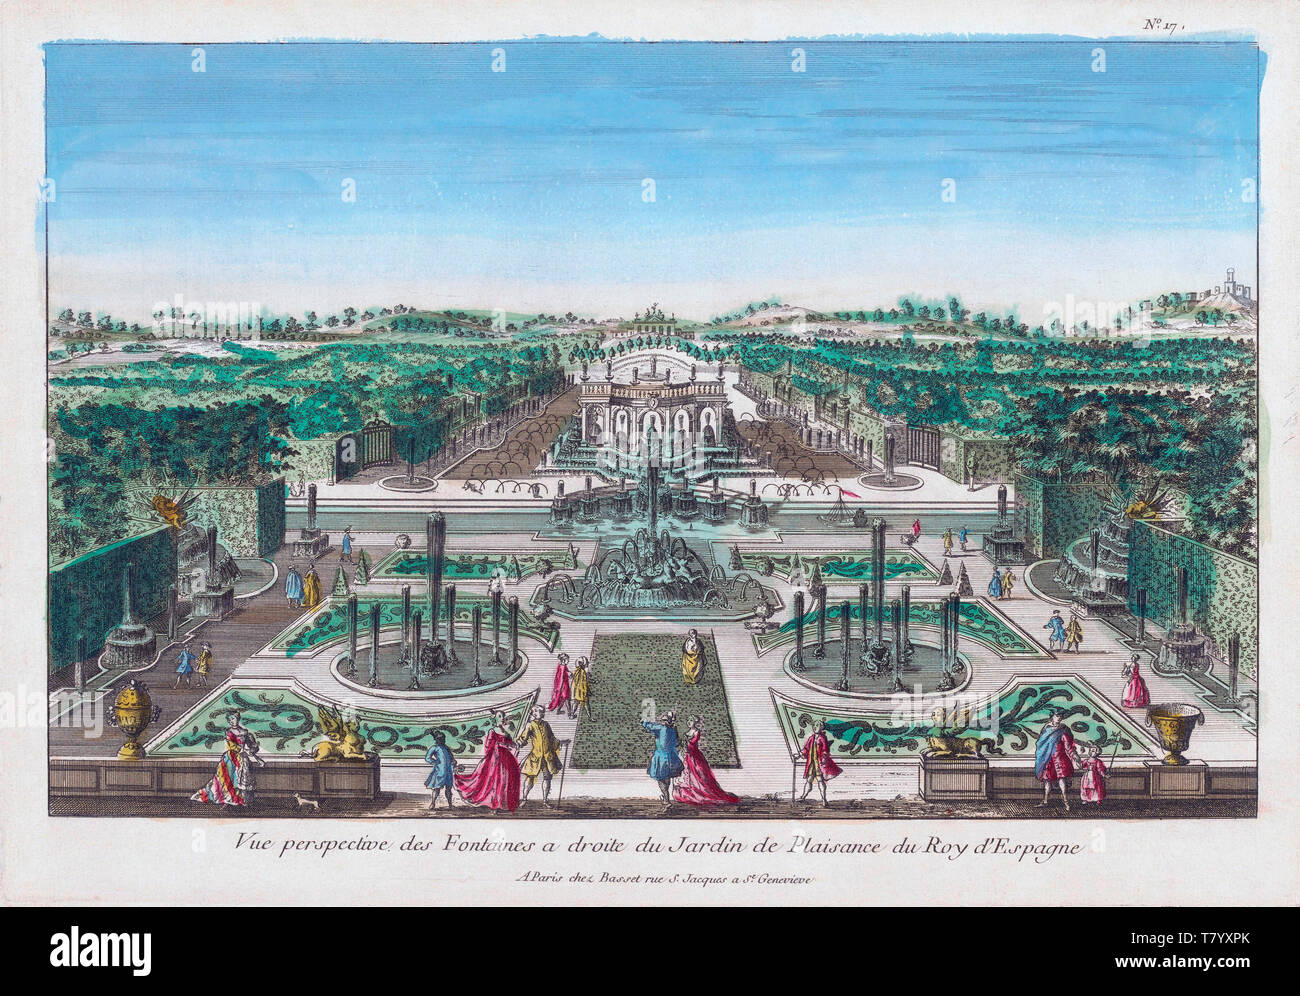 Prospettiva Vue des Fontaines à droite du Jardin de Plaisance du Roy d'Espagne. Vista prospettica delle fontane a destra del piacere giardino del re di Spagna. Dopo un colorate a mano del XVIII secolo la stampa. Immagini Stock